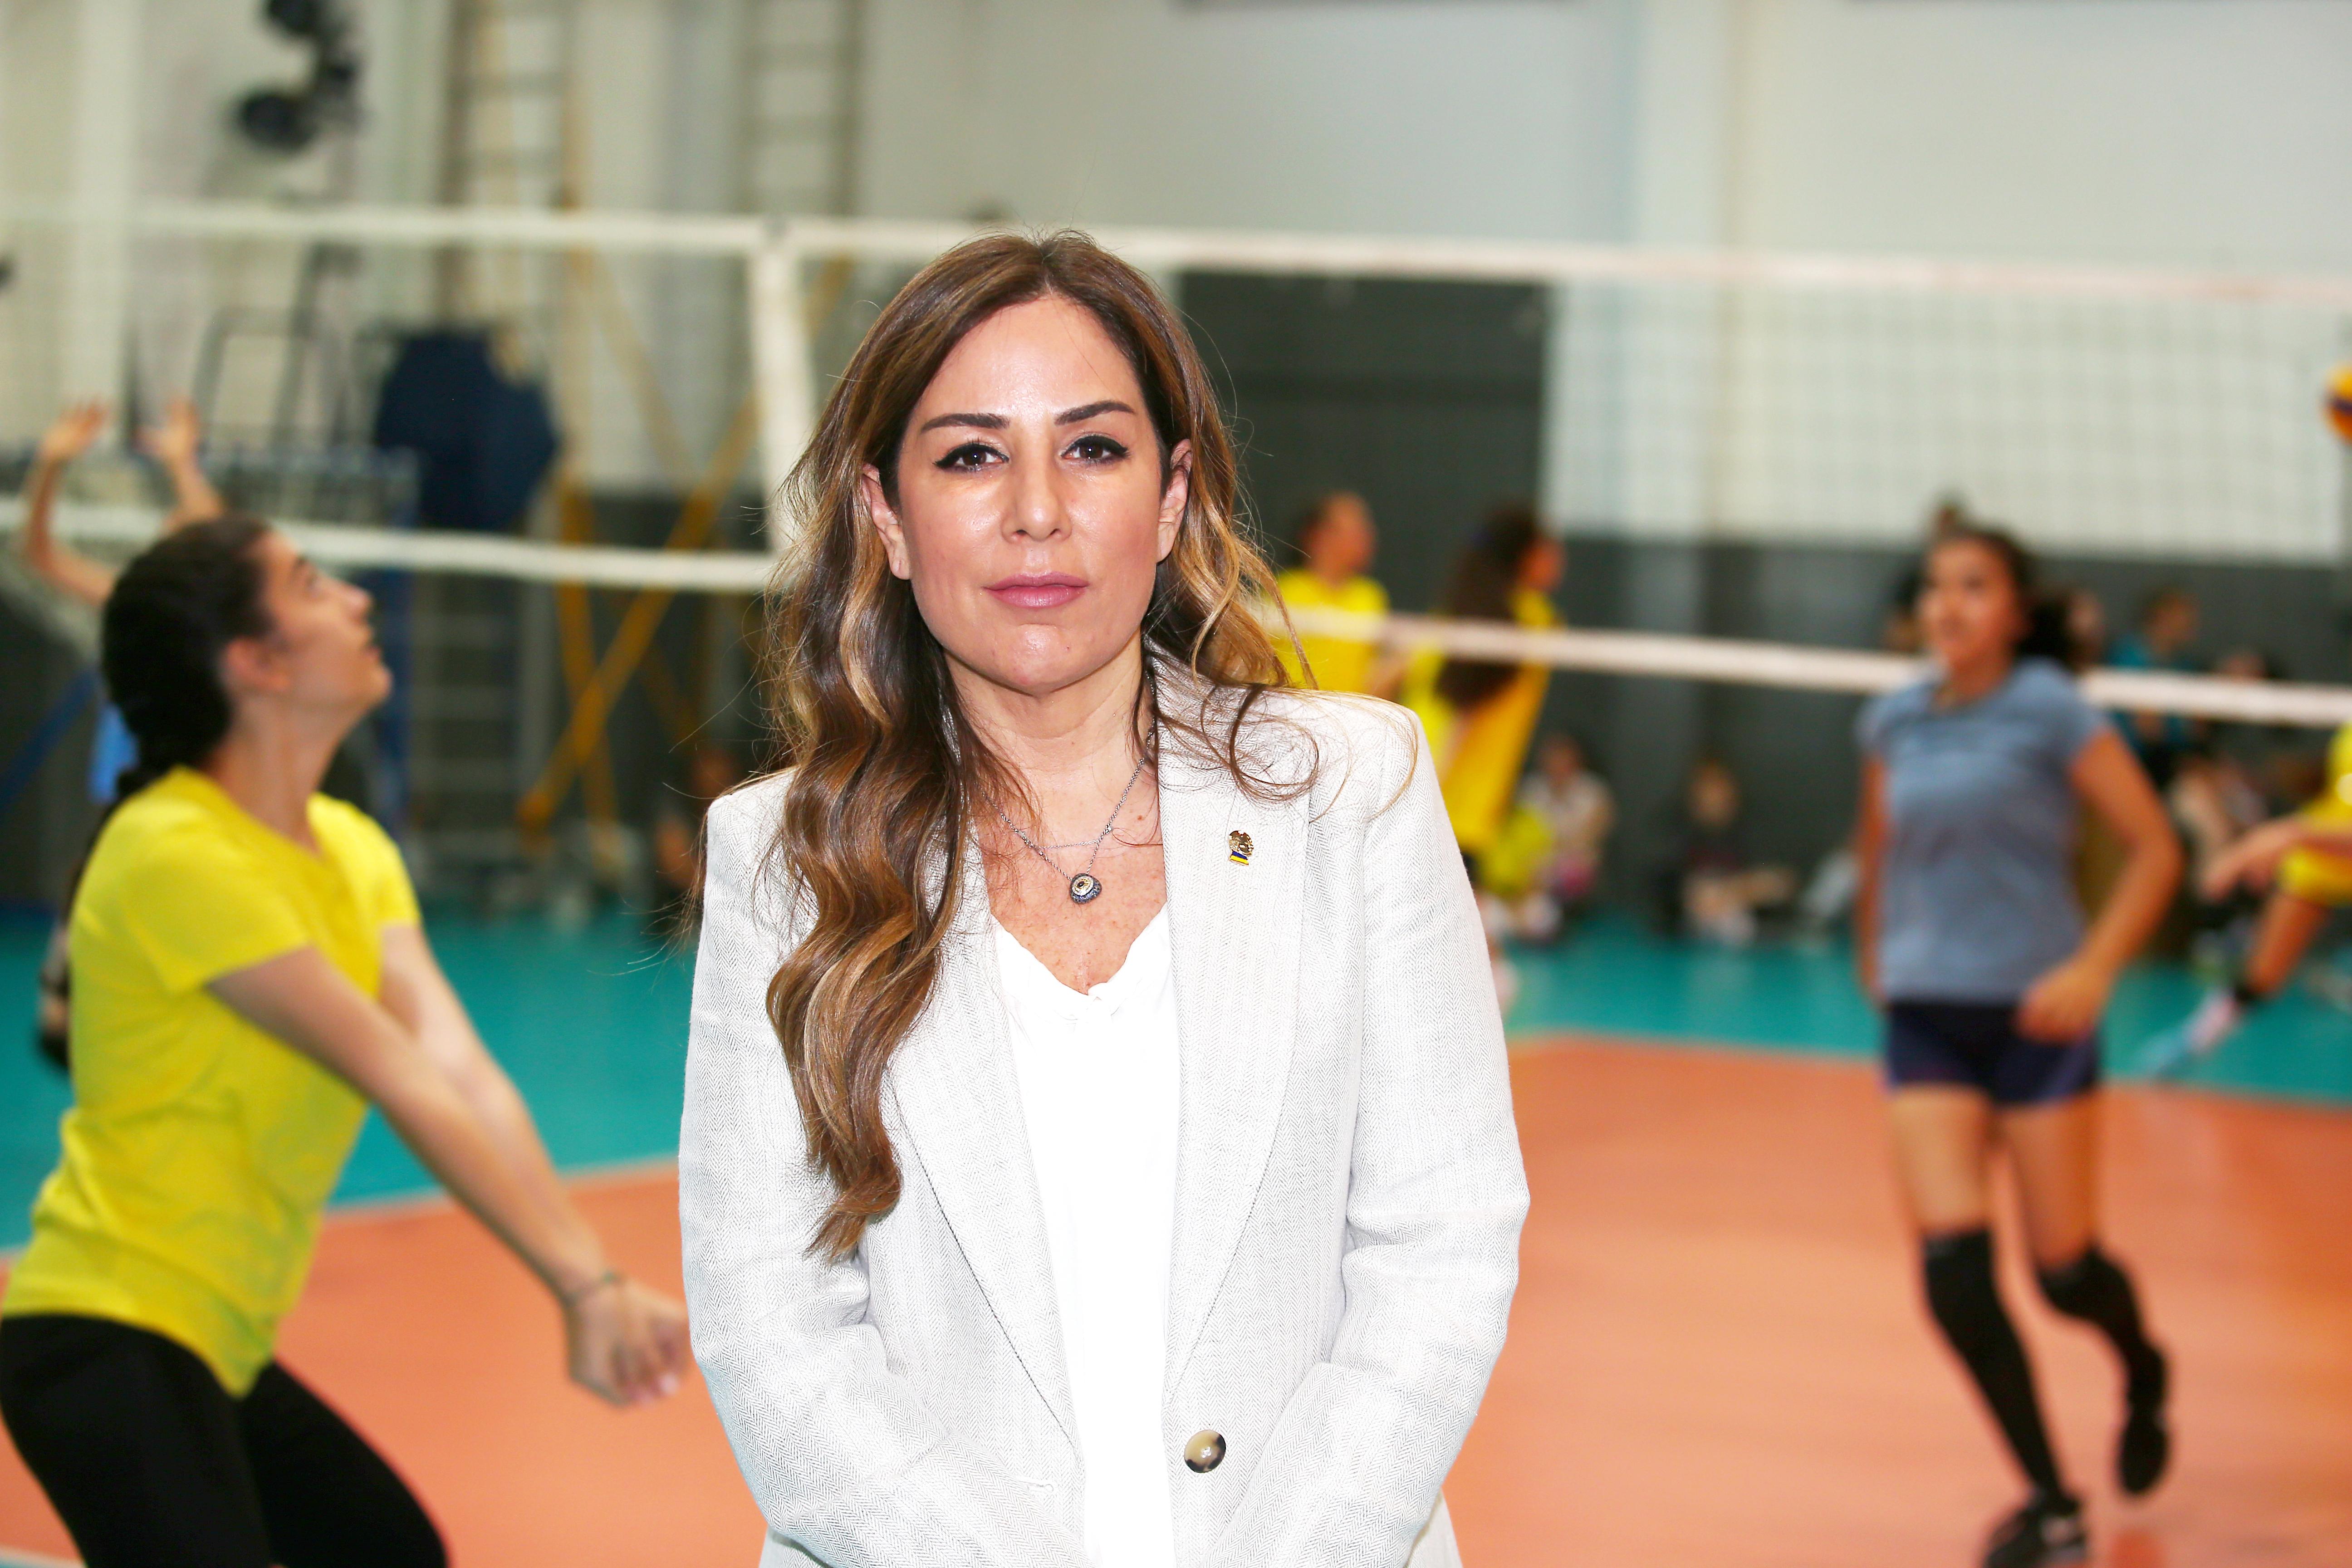 Yöneticimiz Simla Türker Bayazıt'tan açıklamalar